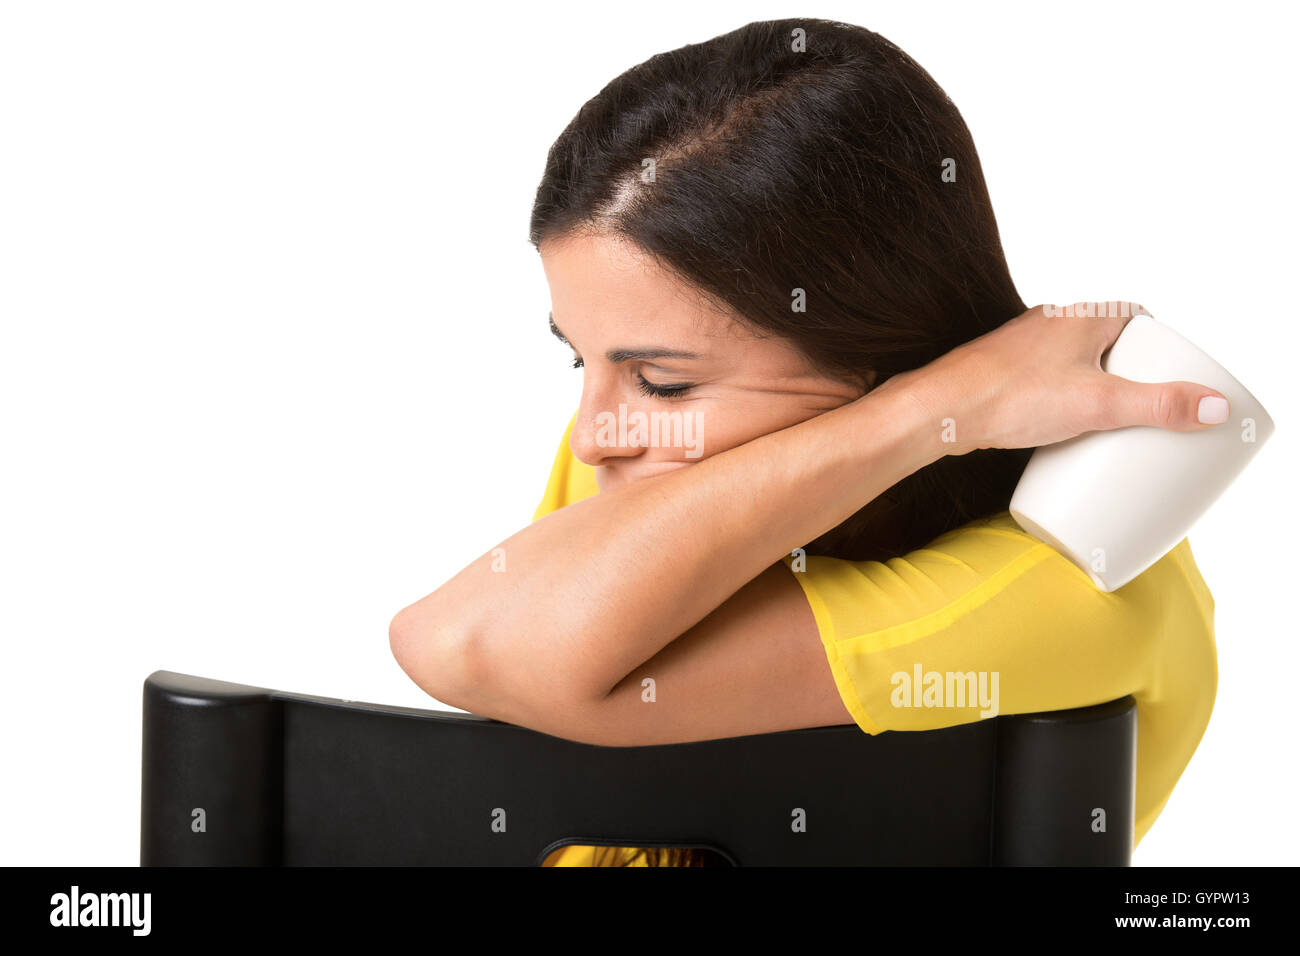 La empresaria sentado en una silla cansada y soñolienta, aislado en blanco Imagen De Stock